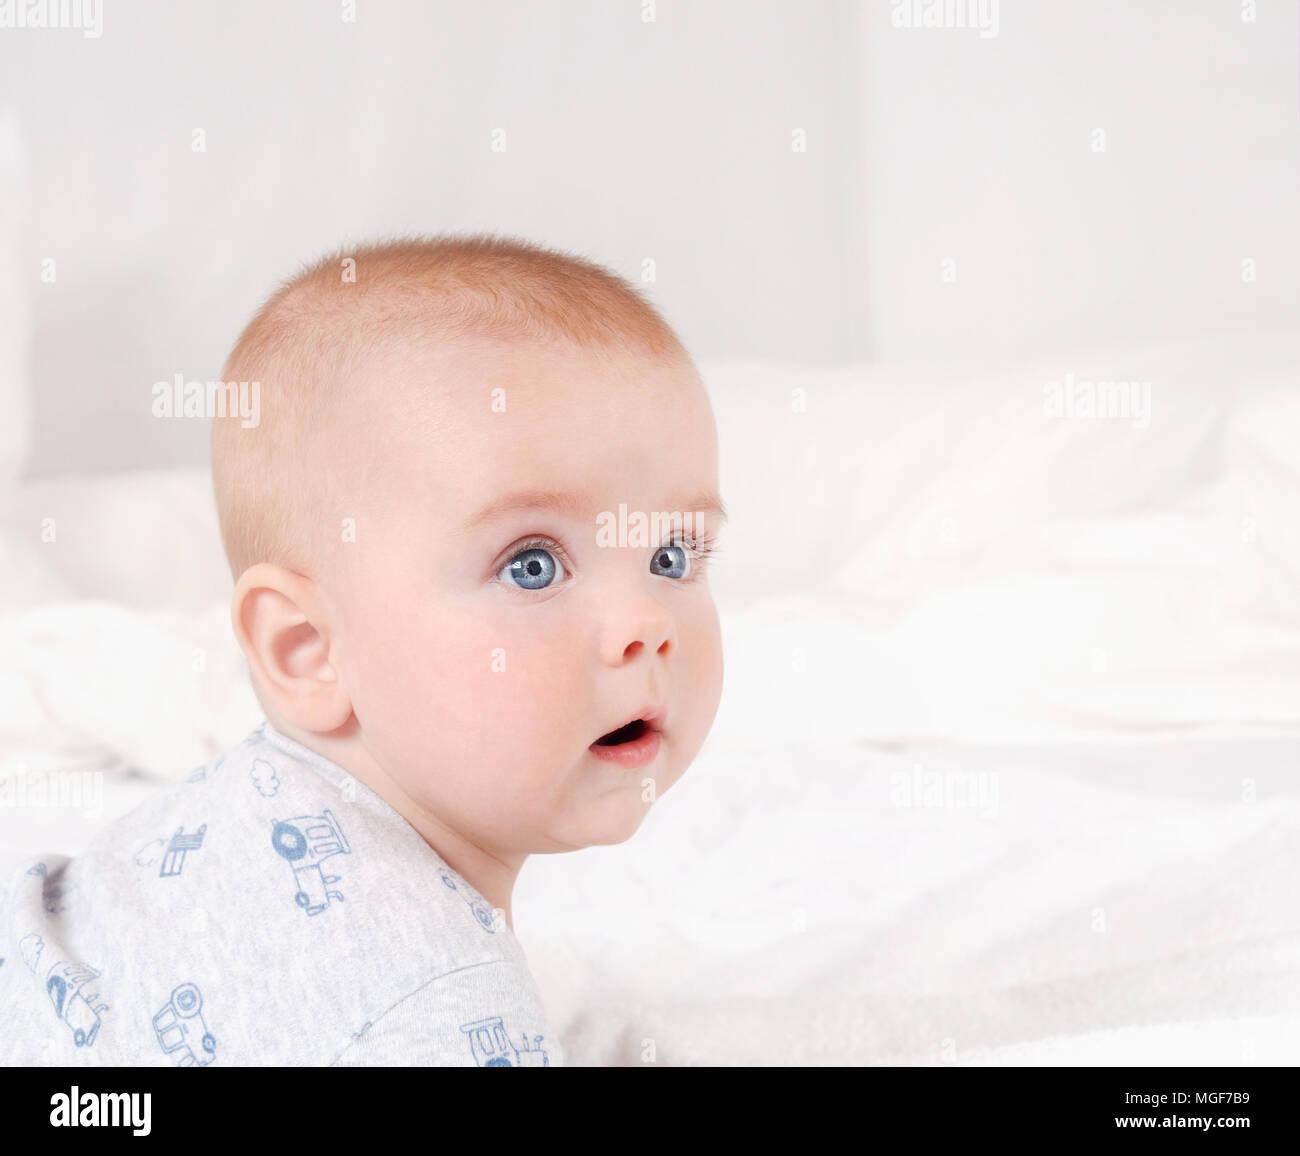 Closeup ritratto di neonato adorabile. Sorridenti bambino con gli occhi blu su bianco sullo sfondo del letto Foto Stock